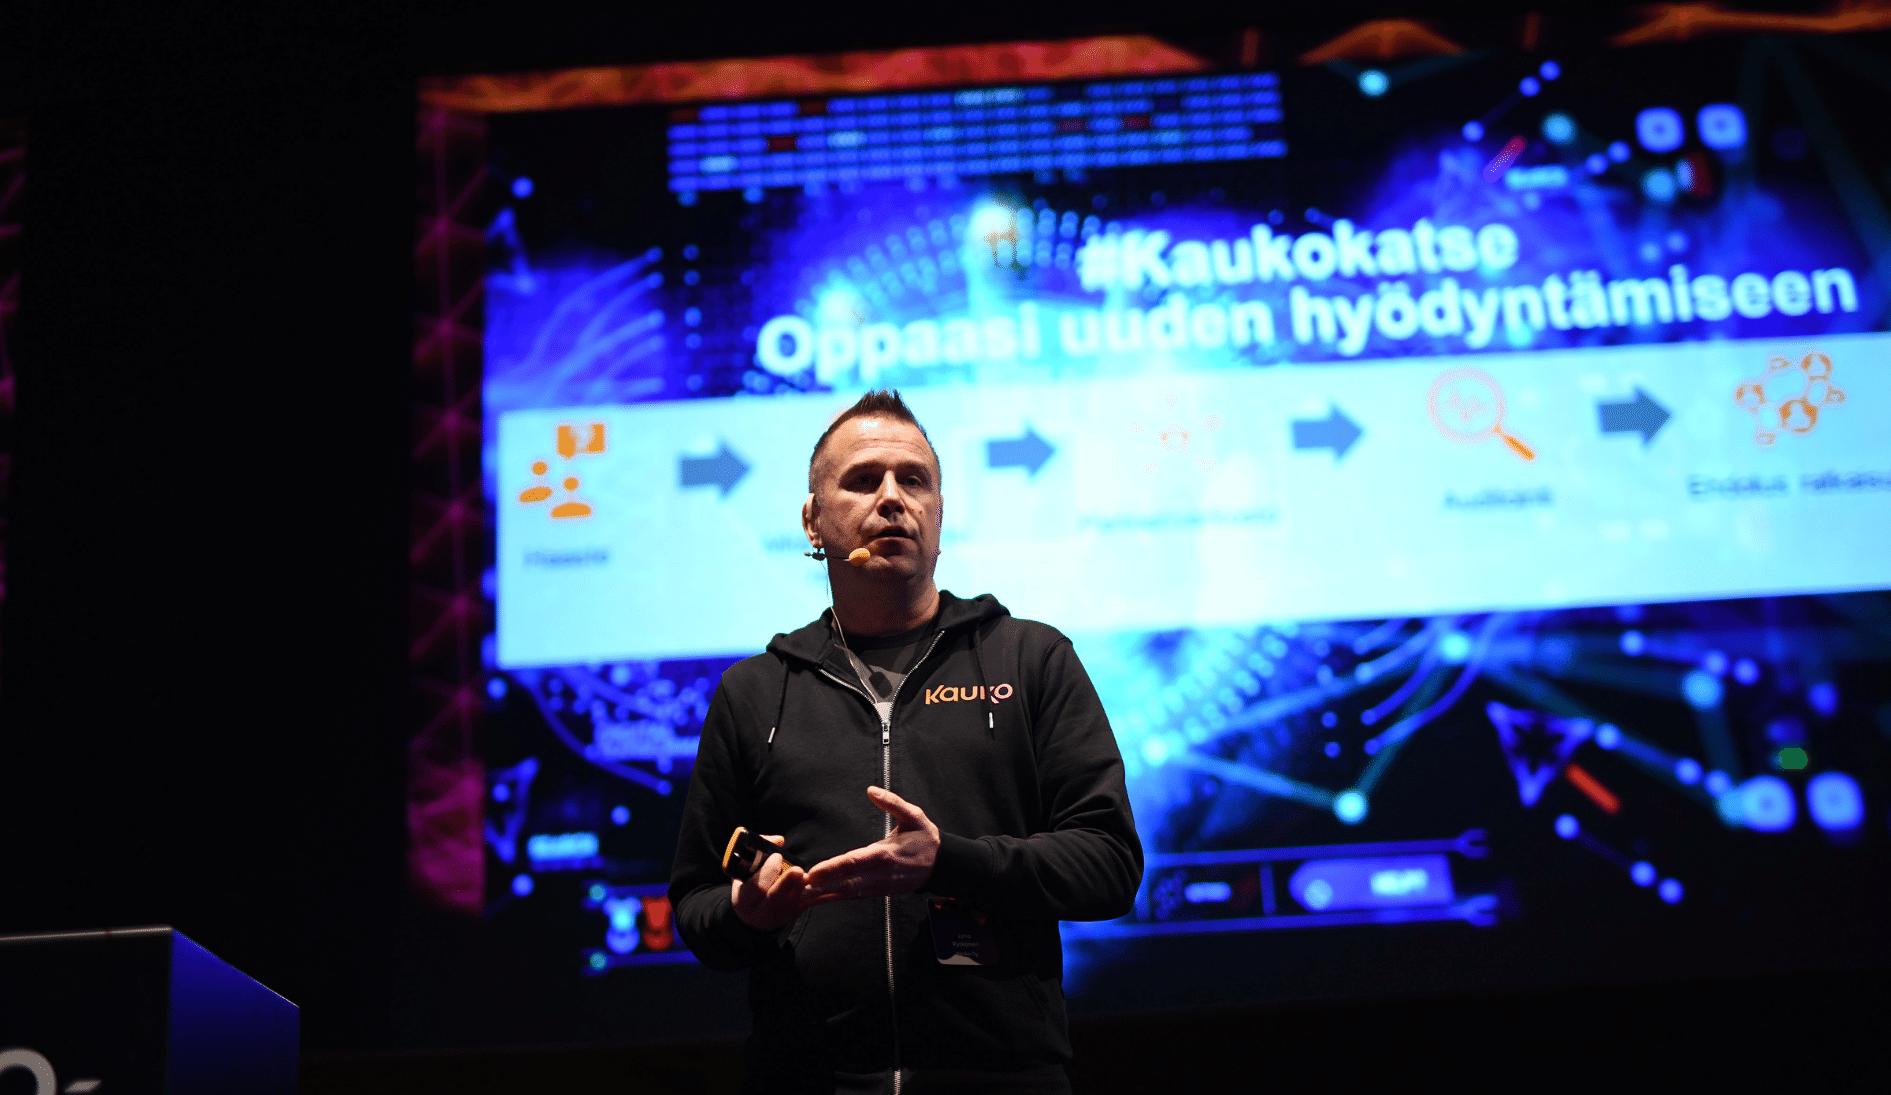 Kaukon toimitusjohtaja Juha Rytkönen pitää esitystä Kauko-päivässä tammikuussa 2020